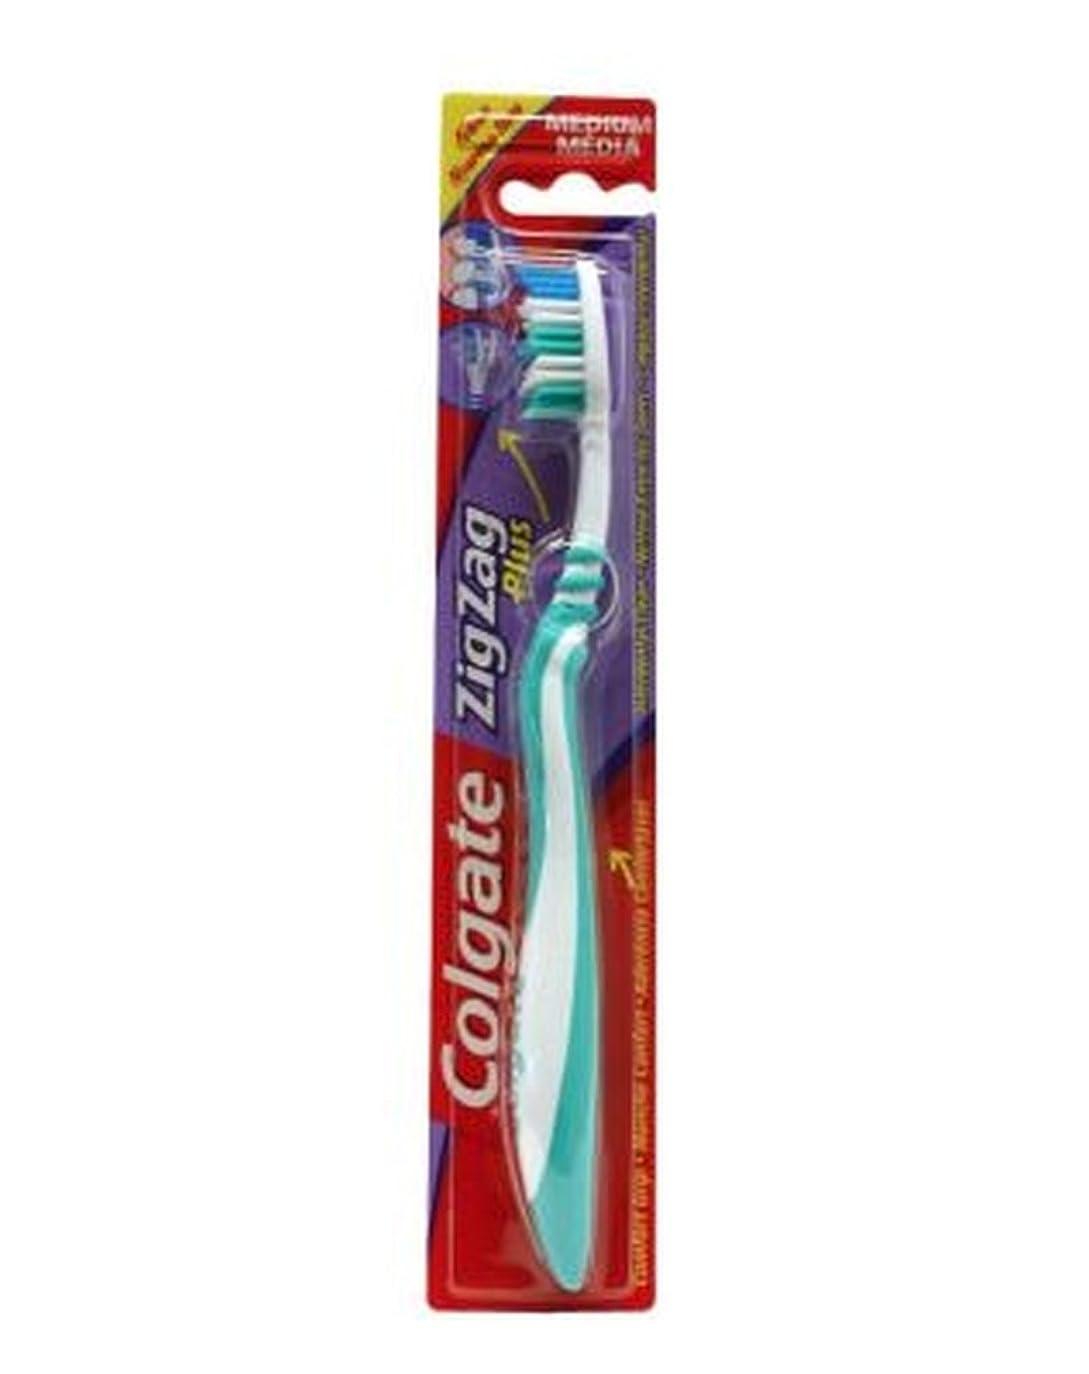 進化強制的尊敬Colgate Zig Zag Plus Toothbrush Medium - コルゲートジグザグプラス歯ブラシ媒体 (Colgate) [並行輸入品]